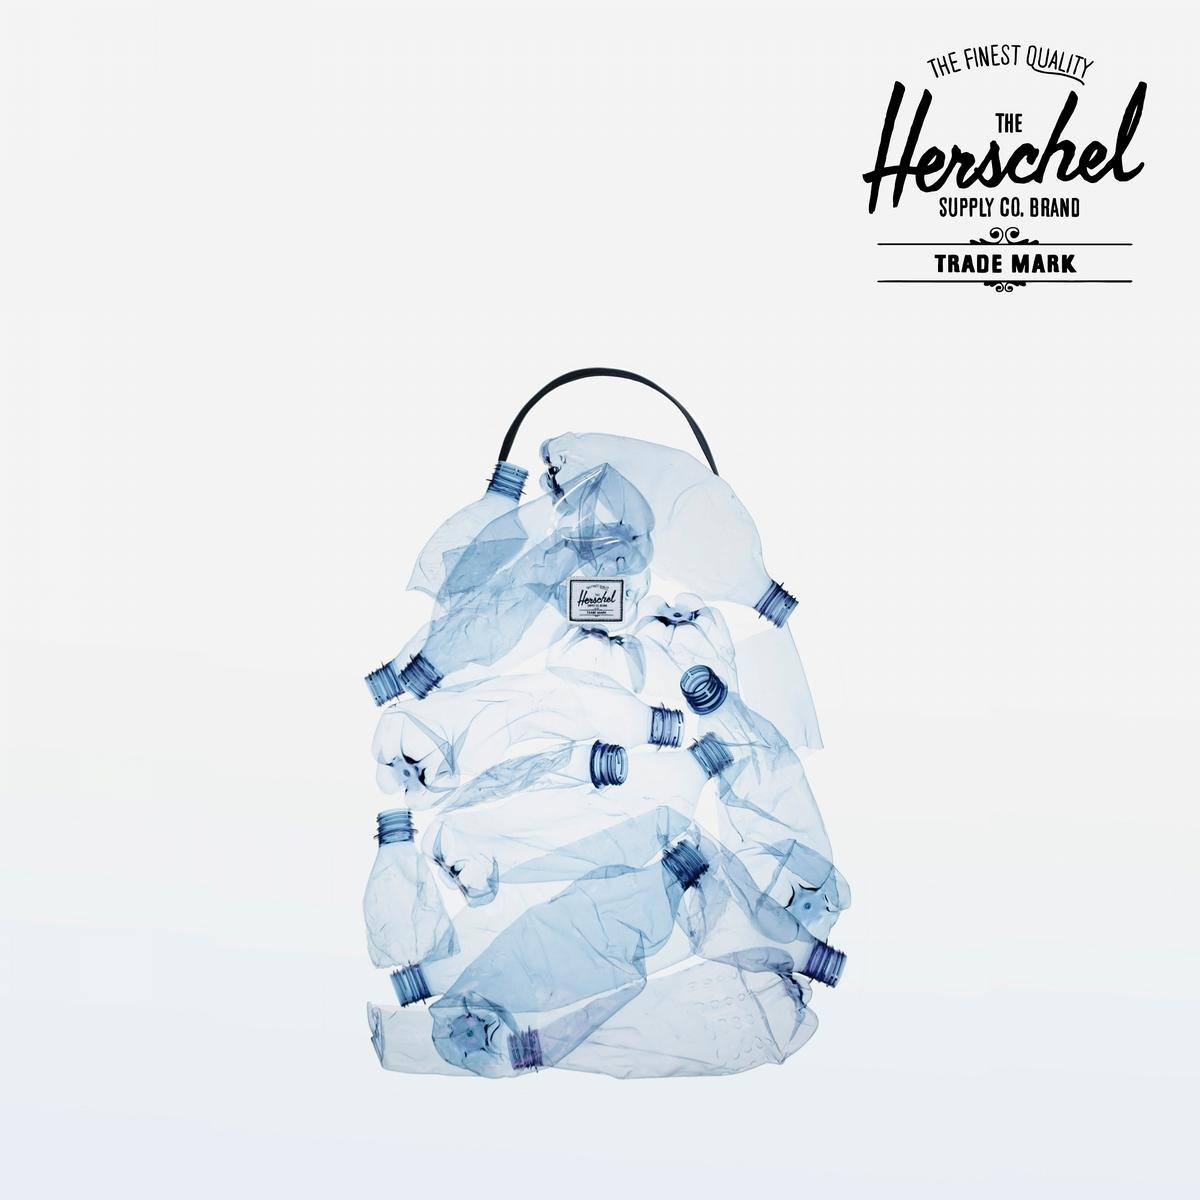 回收再生材質正夯 一個包也能拯救世界!